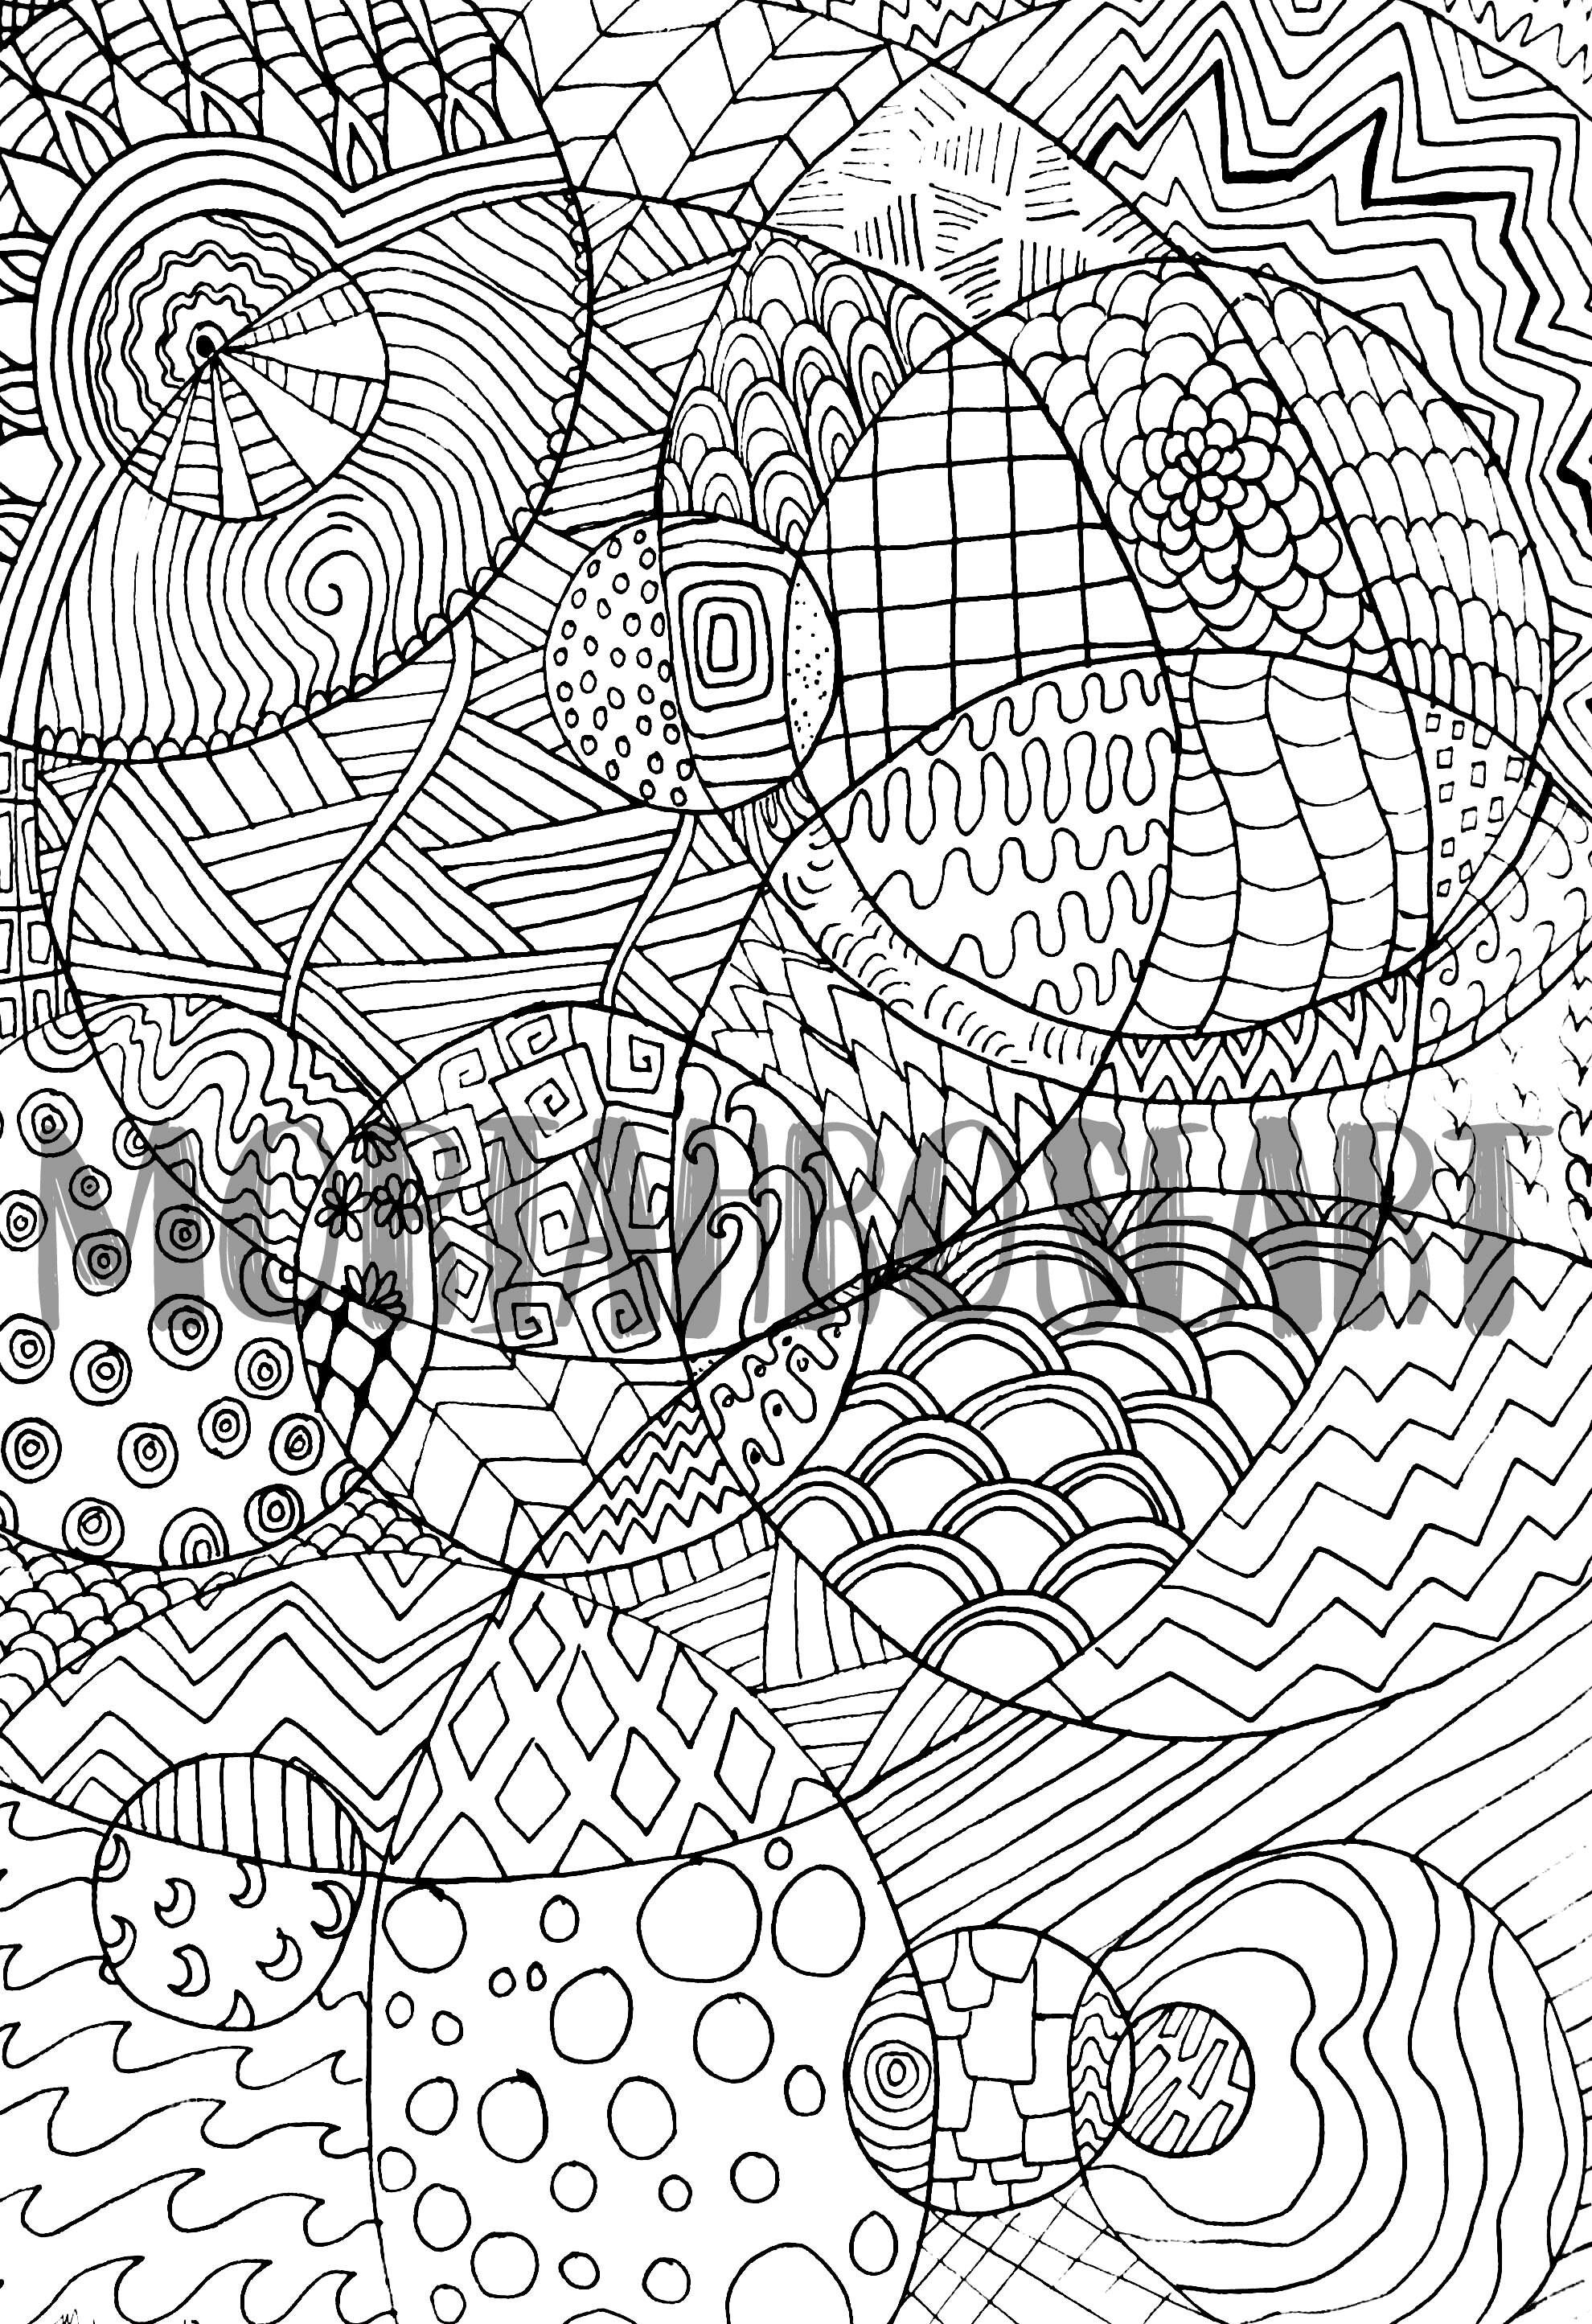 Erfreut Frei Druckbare Doodle Art Malvorlagen Galerie - Malvorlagen ...